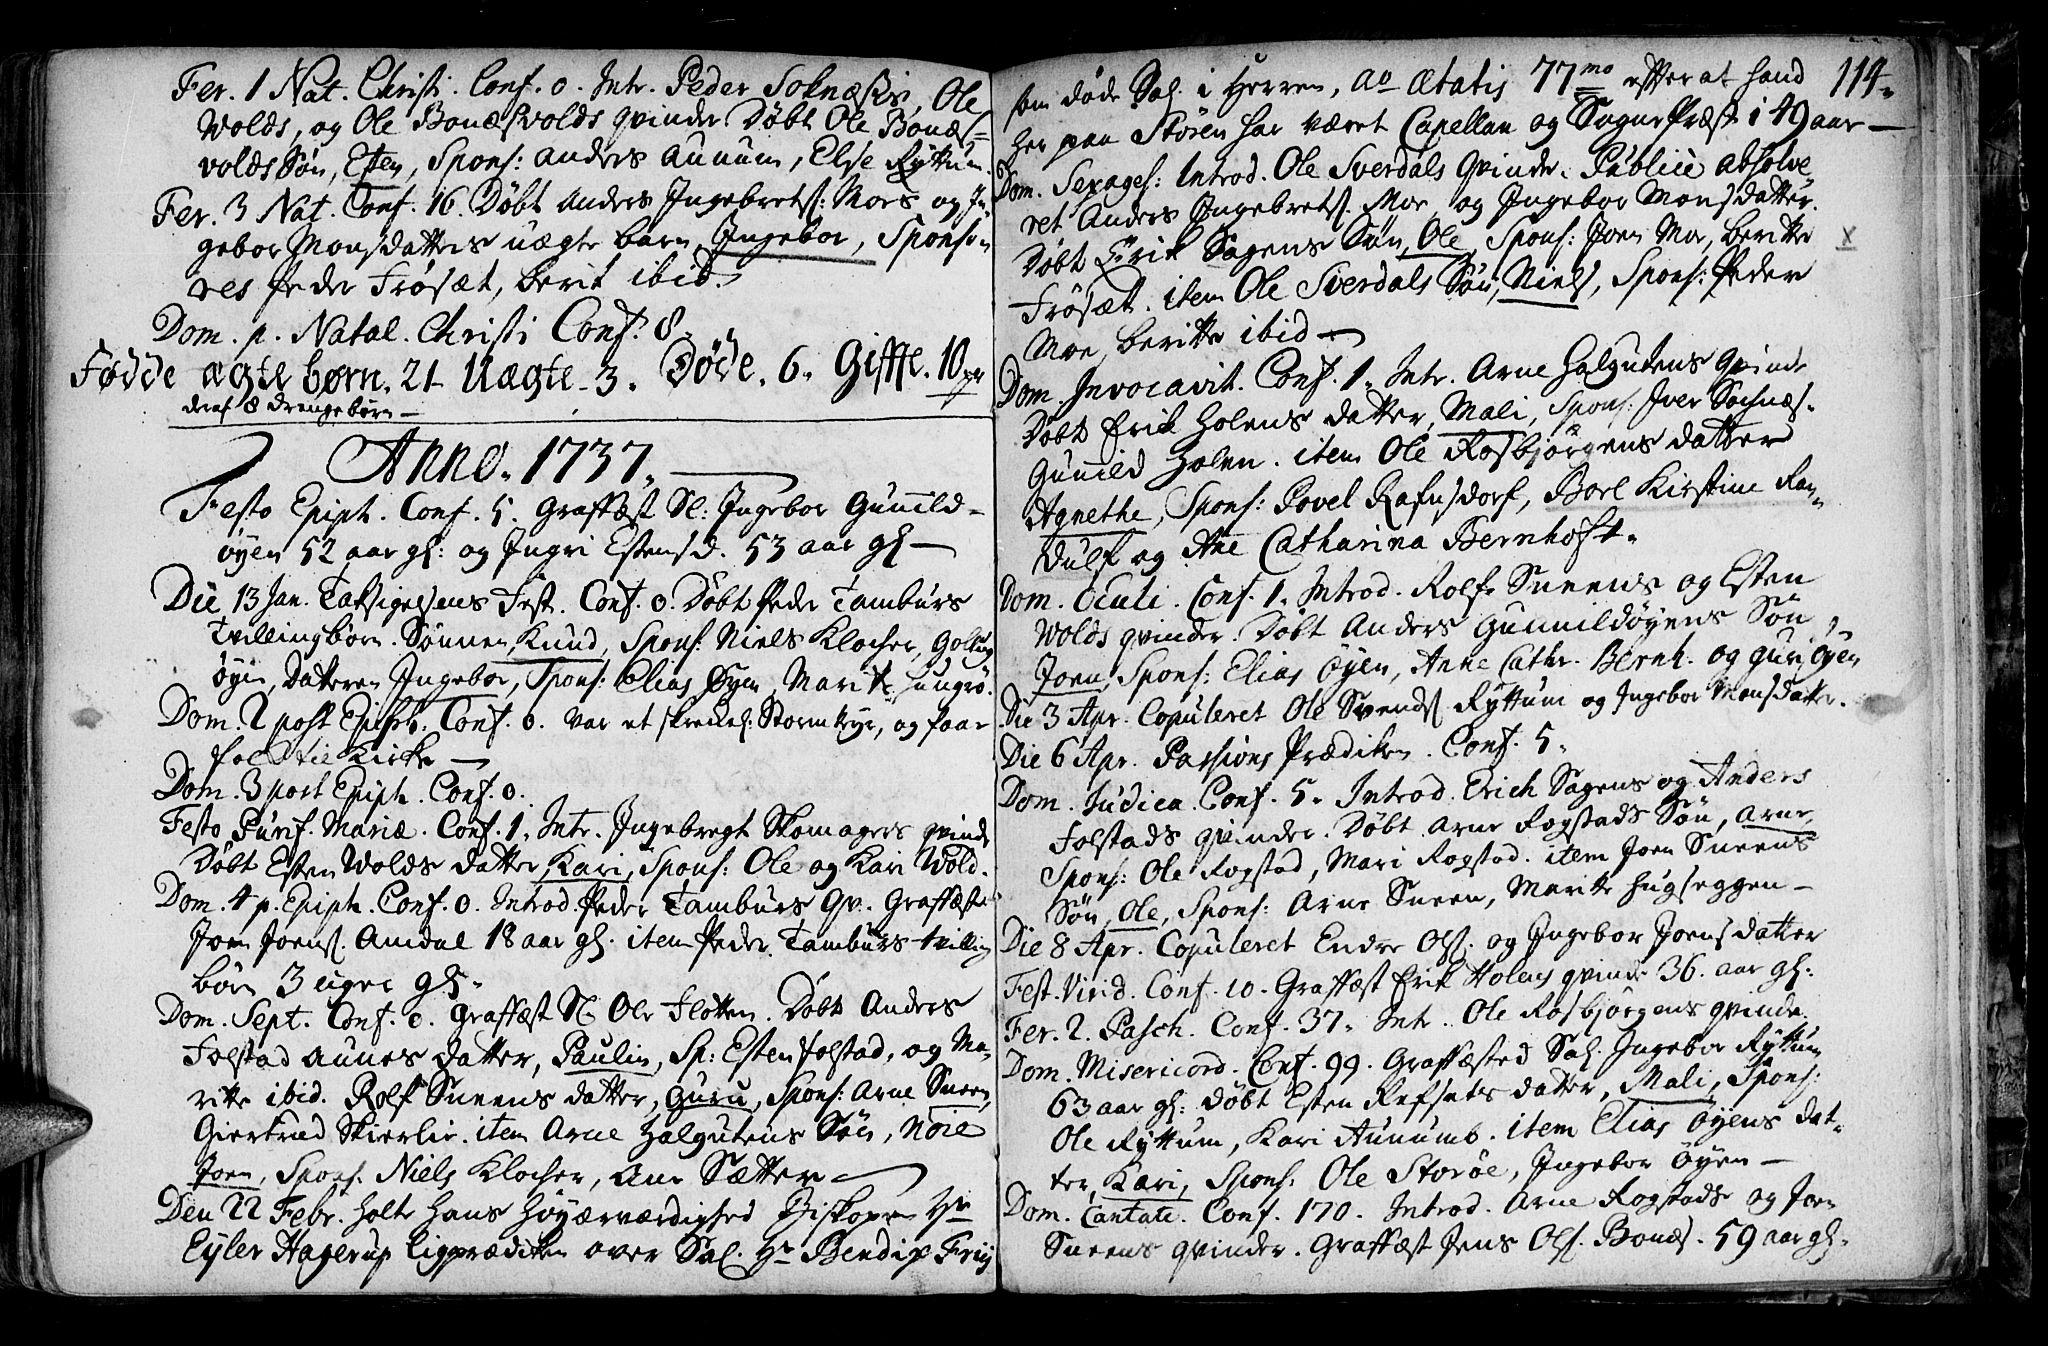 SAT, Ministerialprotokoller, klokkerbøker og fødselsregistre - Sør-Trøndelag, 687/L0990: Ministerialbok nr. 687A01, 1690-1746, s. 114